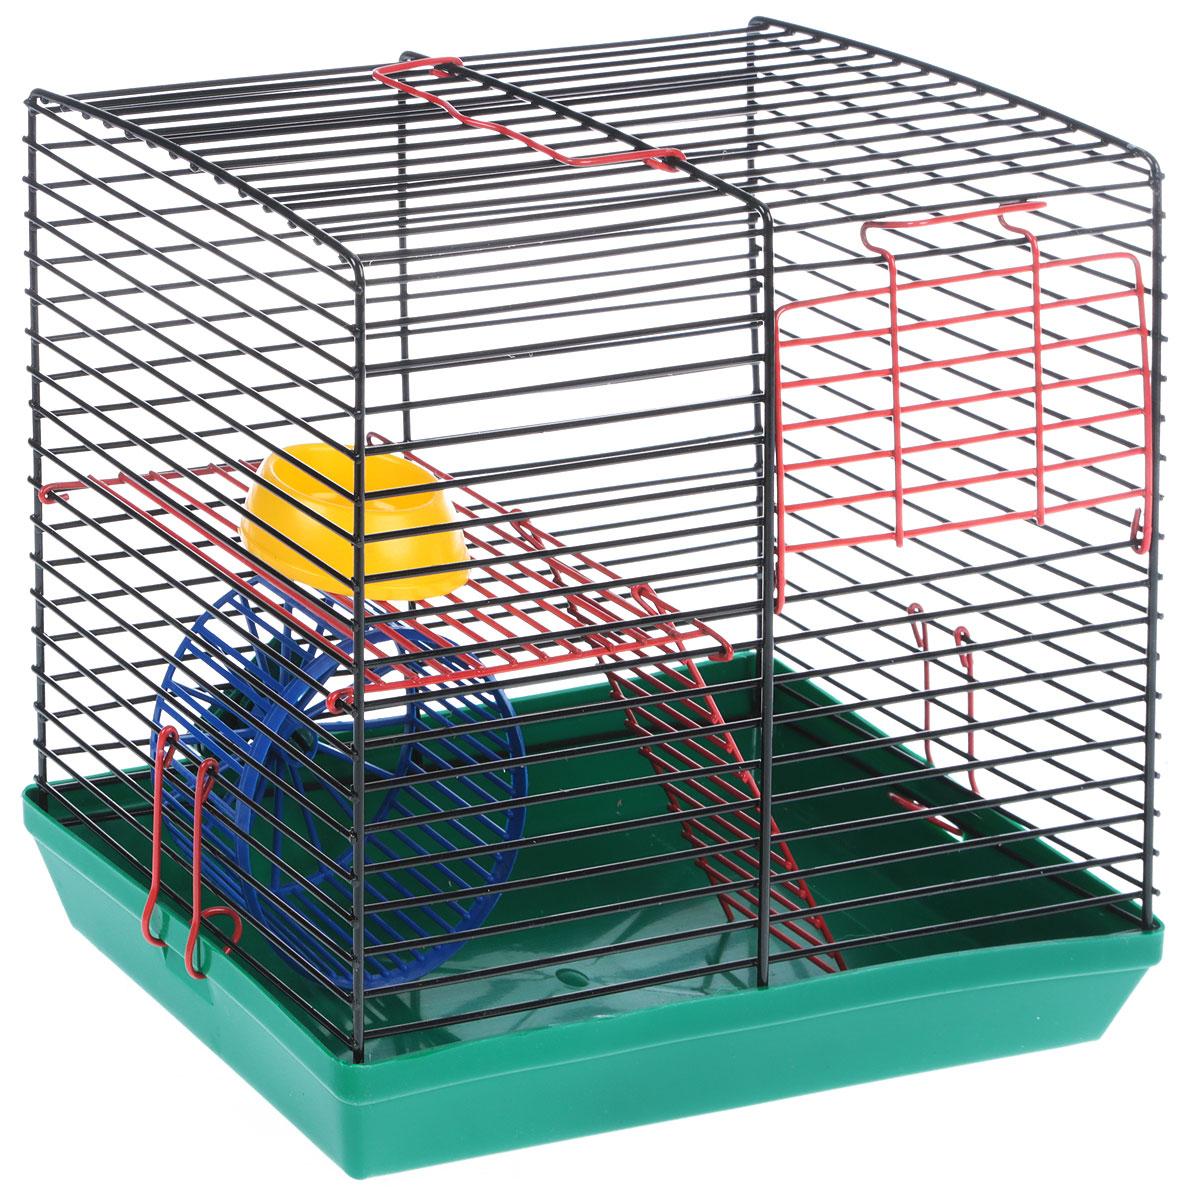 Клетка для грызунов  Велес , 2-этажная, цвет: зеленый, черный, 26 х 14 х 25 см